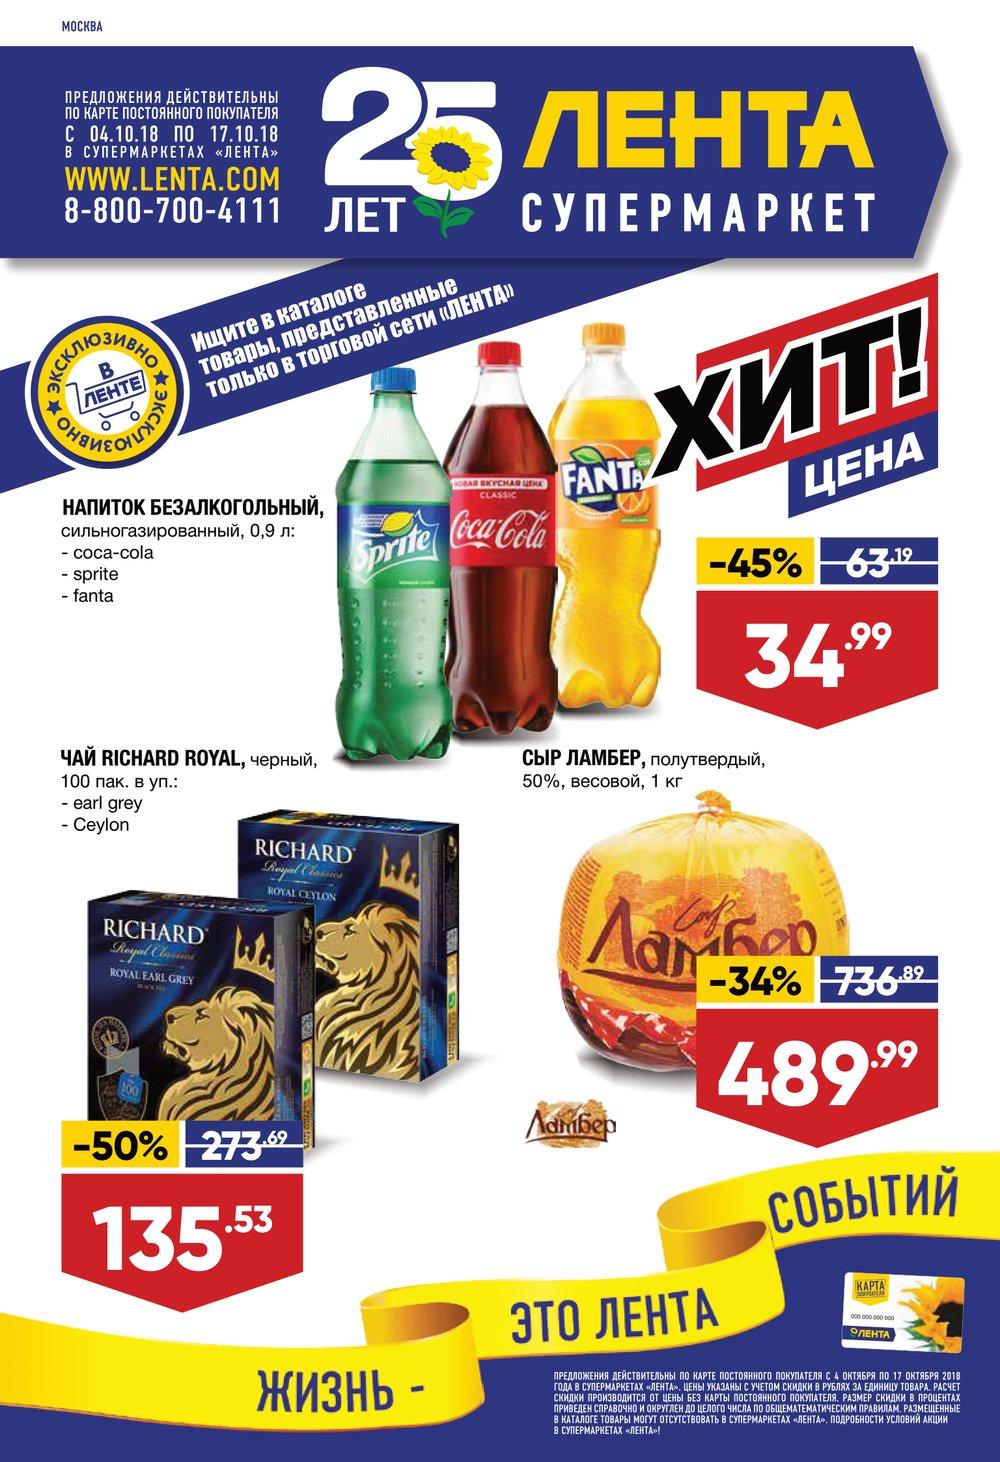 Акции в Ленте Супермаркет с 4 октября 2018 - Москва